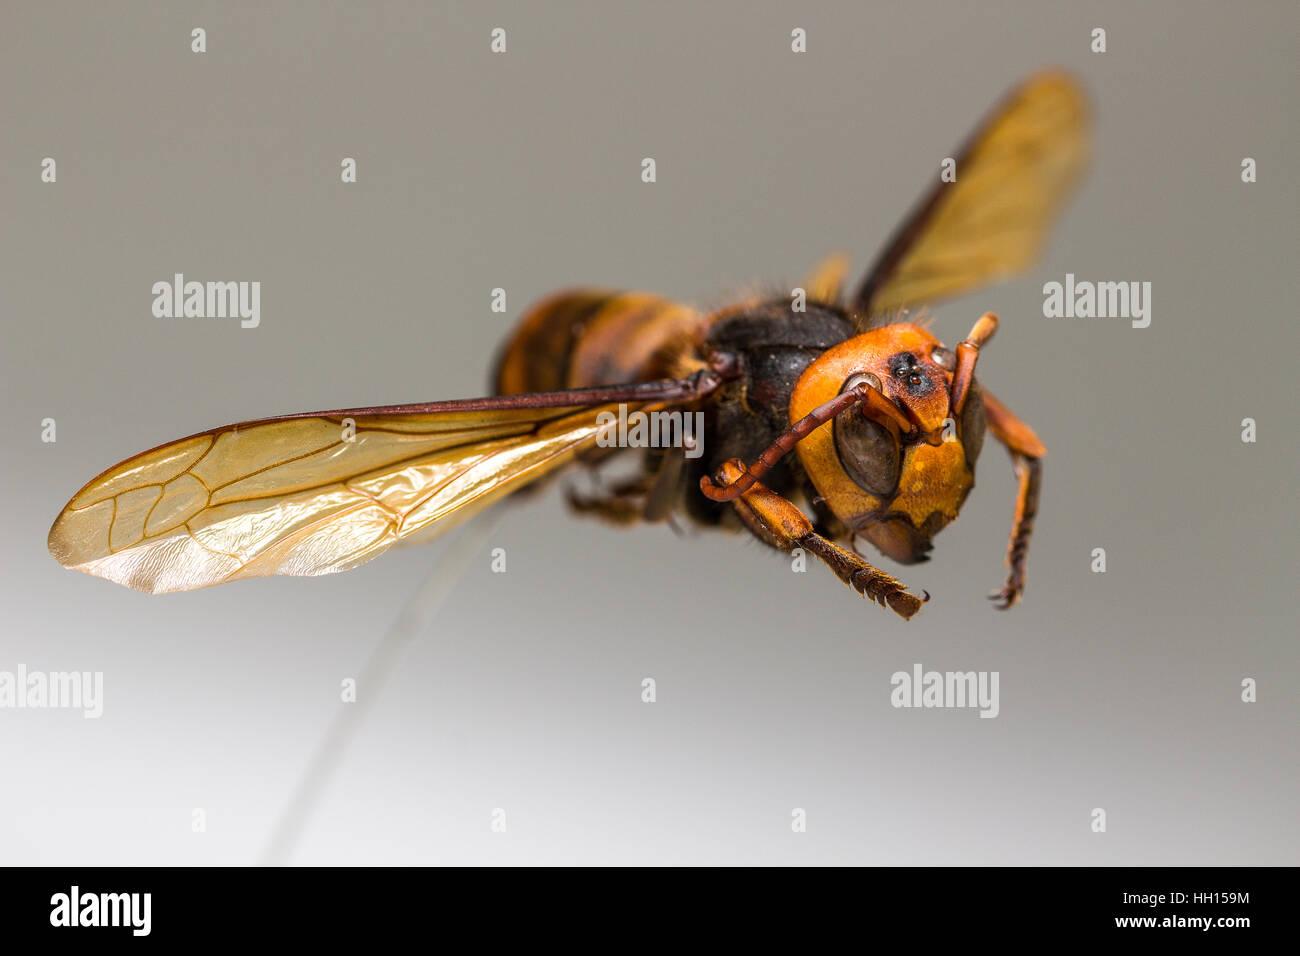 fliegende wespe insekt auf wei em hintergrund stockfoto bild 130947872 alamy. Black Bedroom Furniture Sets. Home Design Ideas